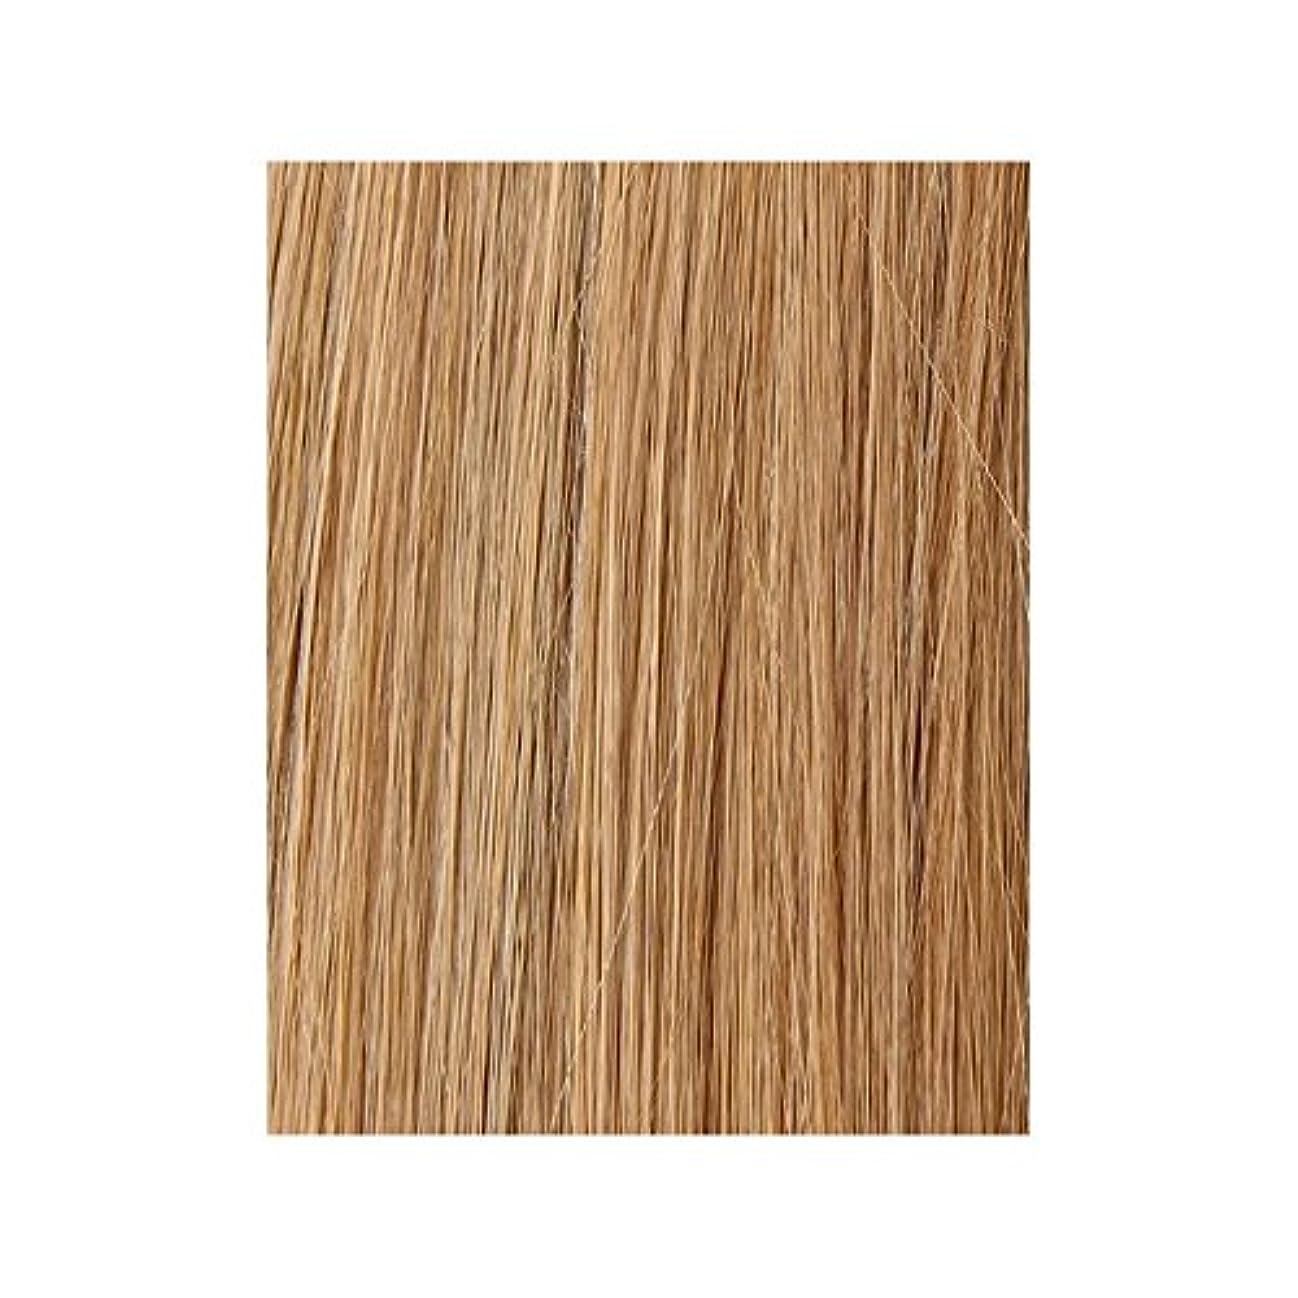 ハーネストーナメント電池Beauty Works 100% Remy Colour Swatch Hair Extension - Tanned Blonde 10/14/16 - 美しさは、100%レミー色見本ヘアエクステンションを作品 - ブロンド日焼けした10/14/16 [並行輸入品]